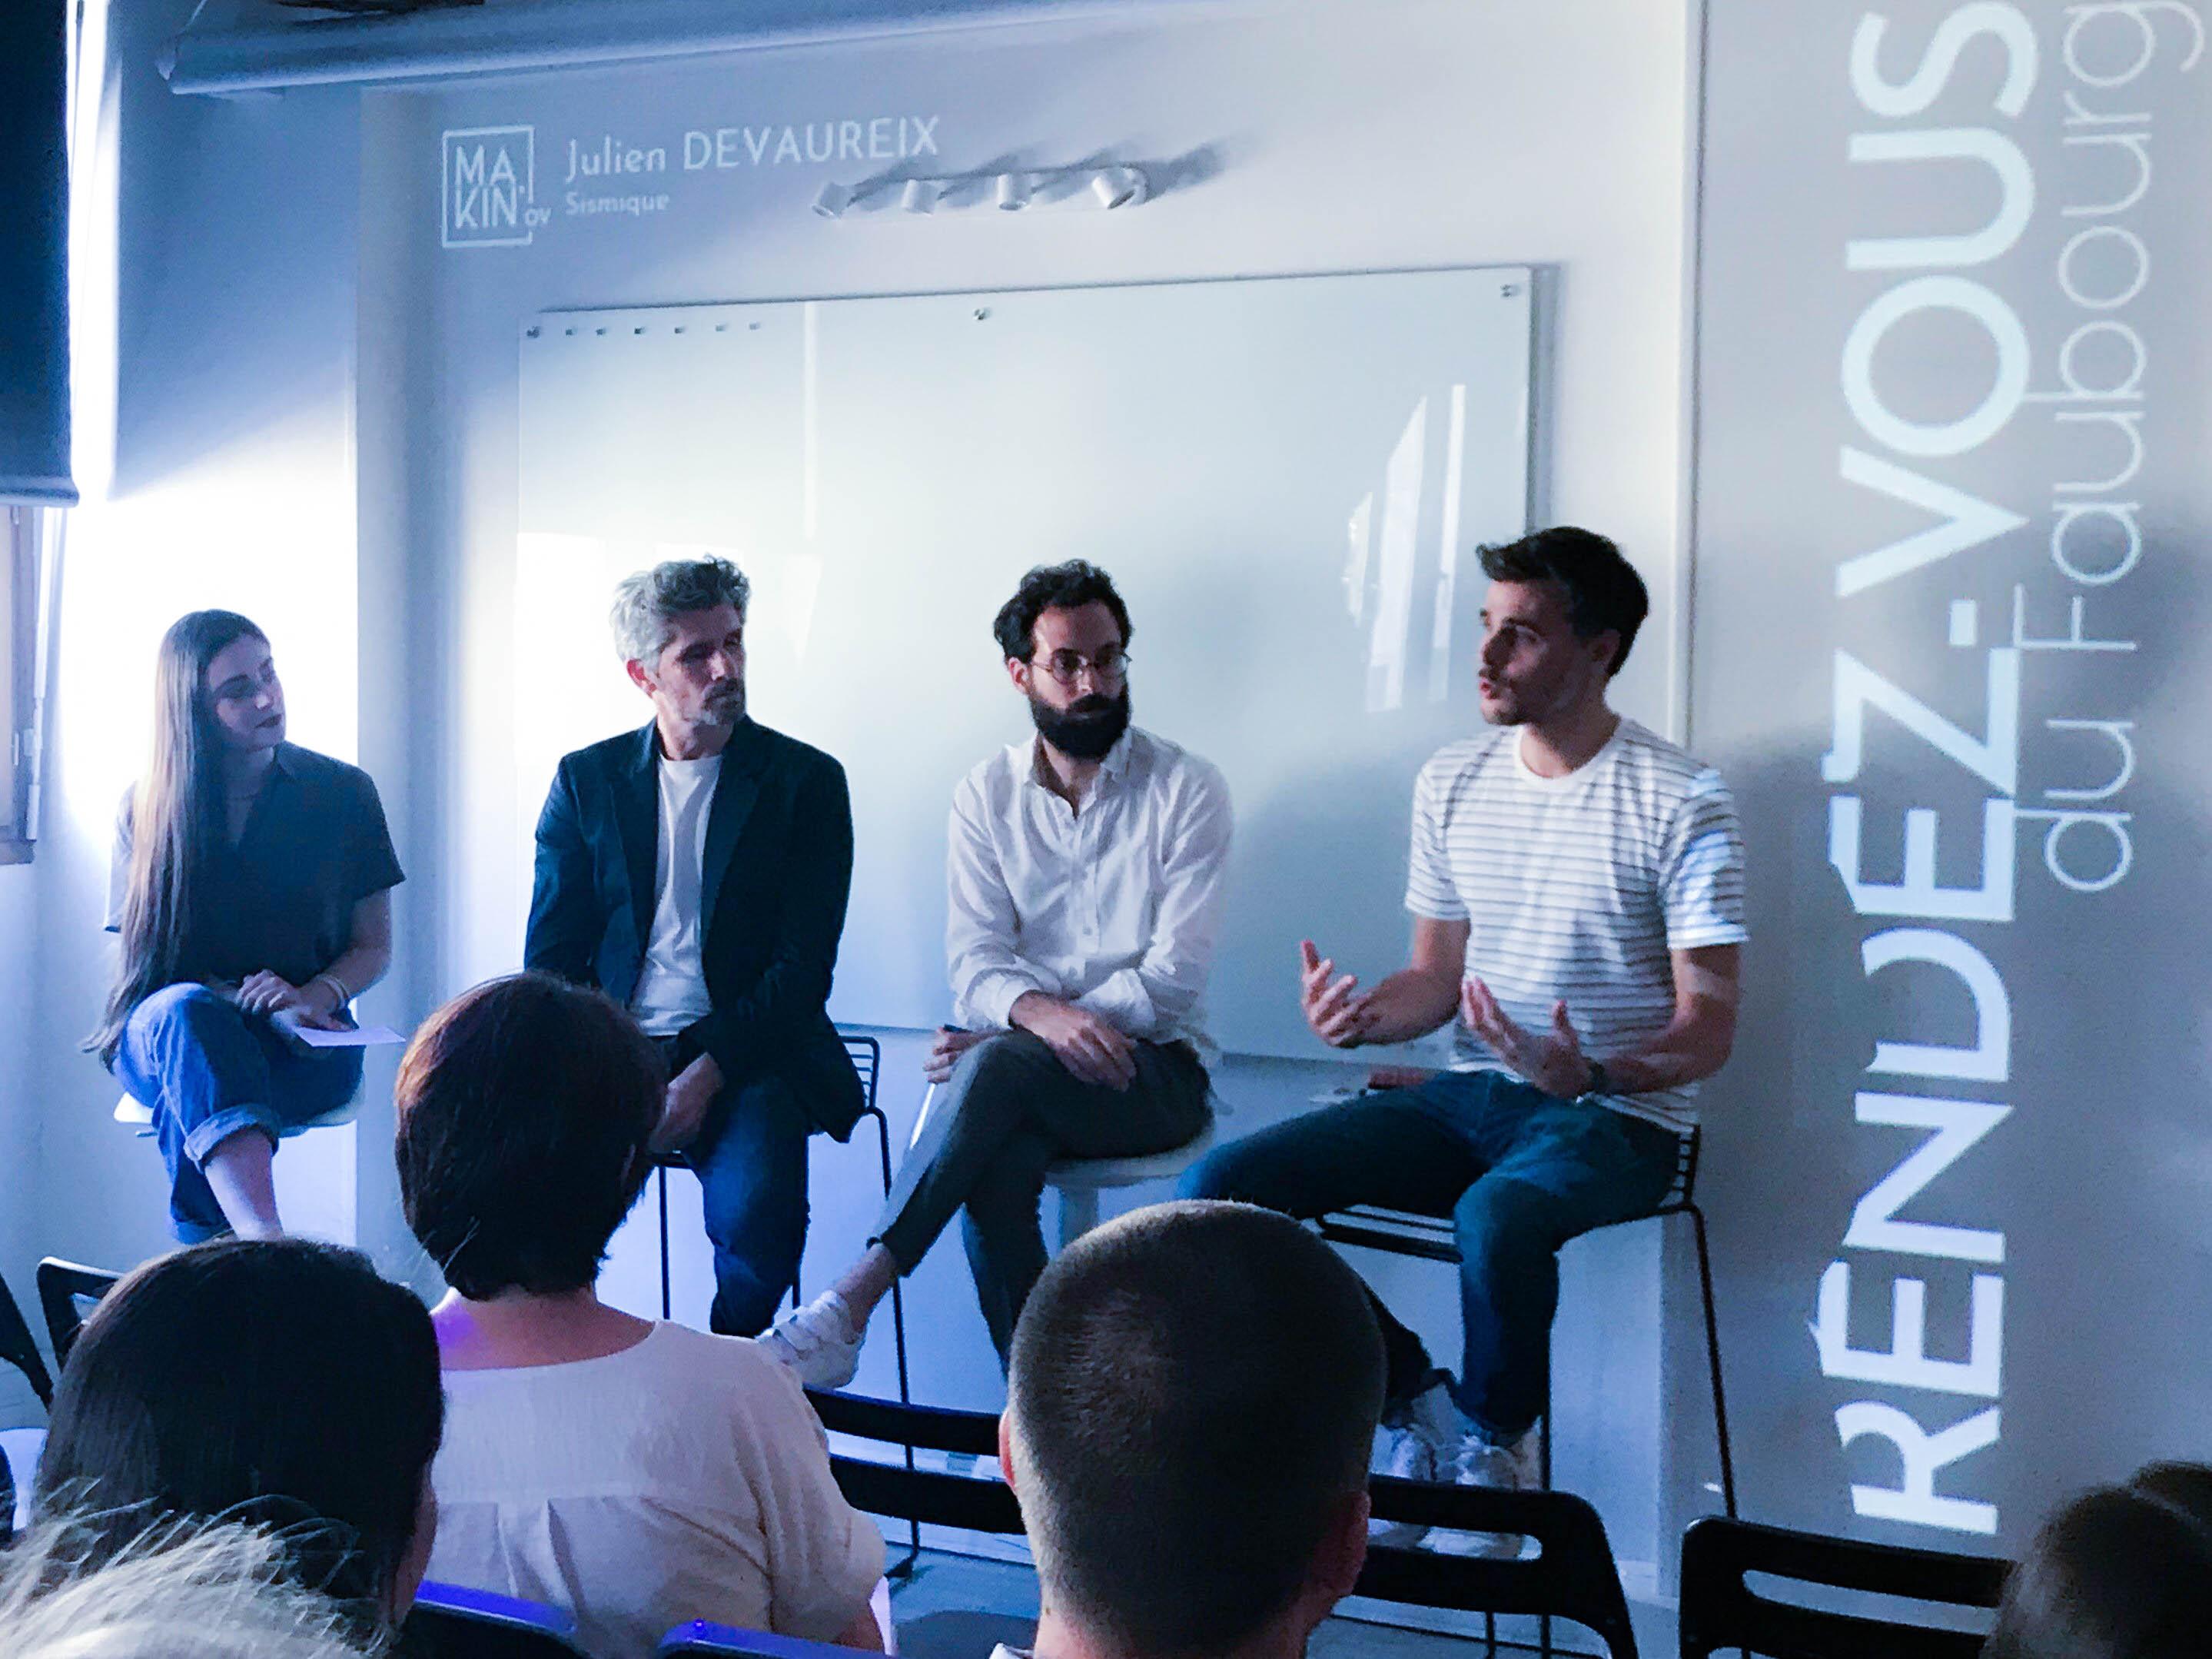 Le panel d'intervenants composé, de droite à gauche : Julien Devaureix, Arnaud Le Cat, Nicolas Pasquet et Pauline Lansac